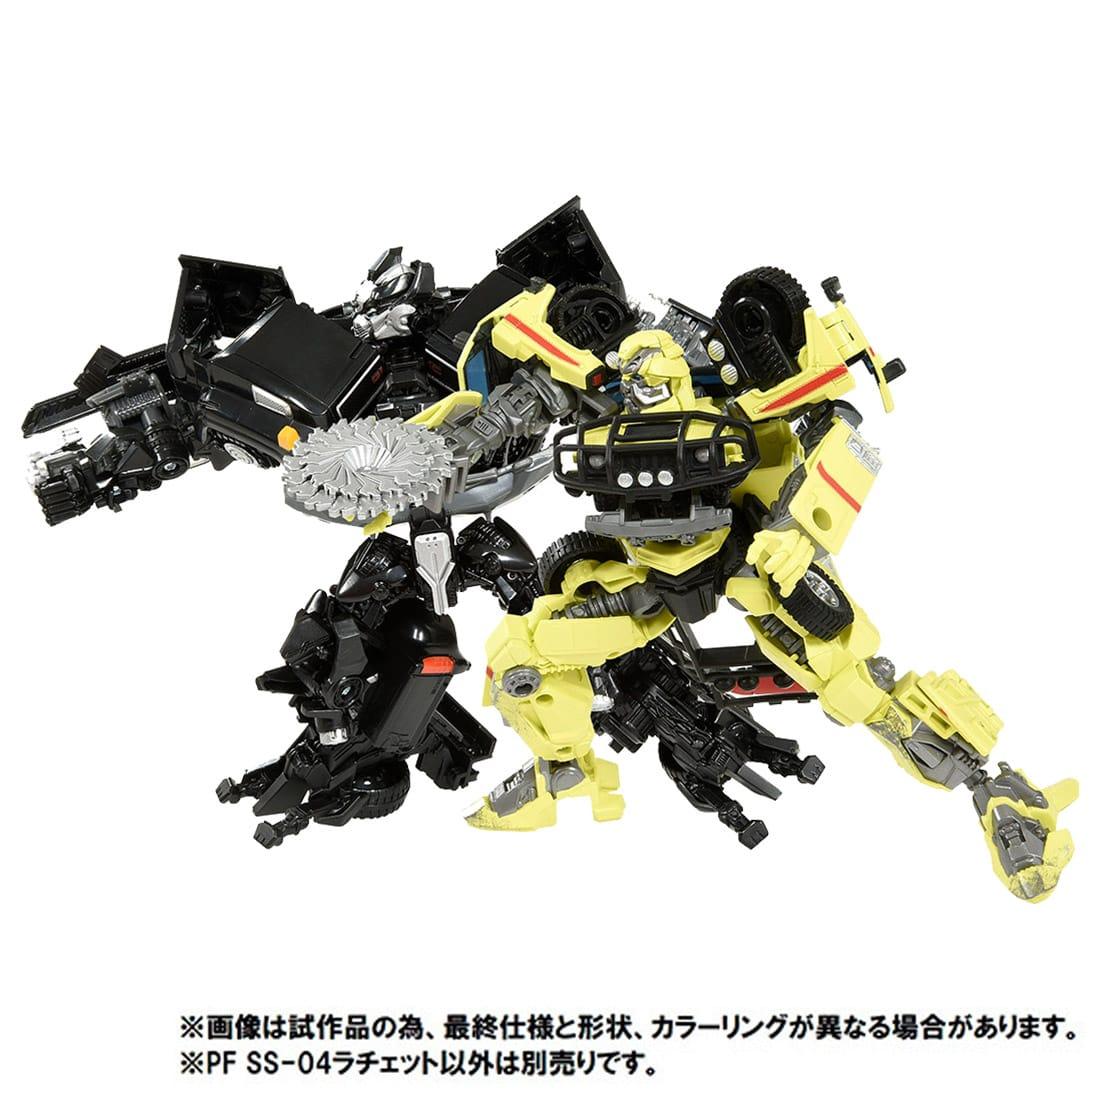 トランスフォーマー プレミアムフィニッシュ『PF WFC-04 スタースクリーム』可変可動フィギュア-008